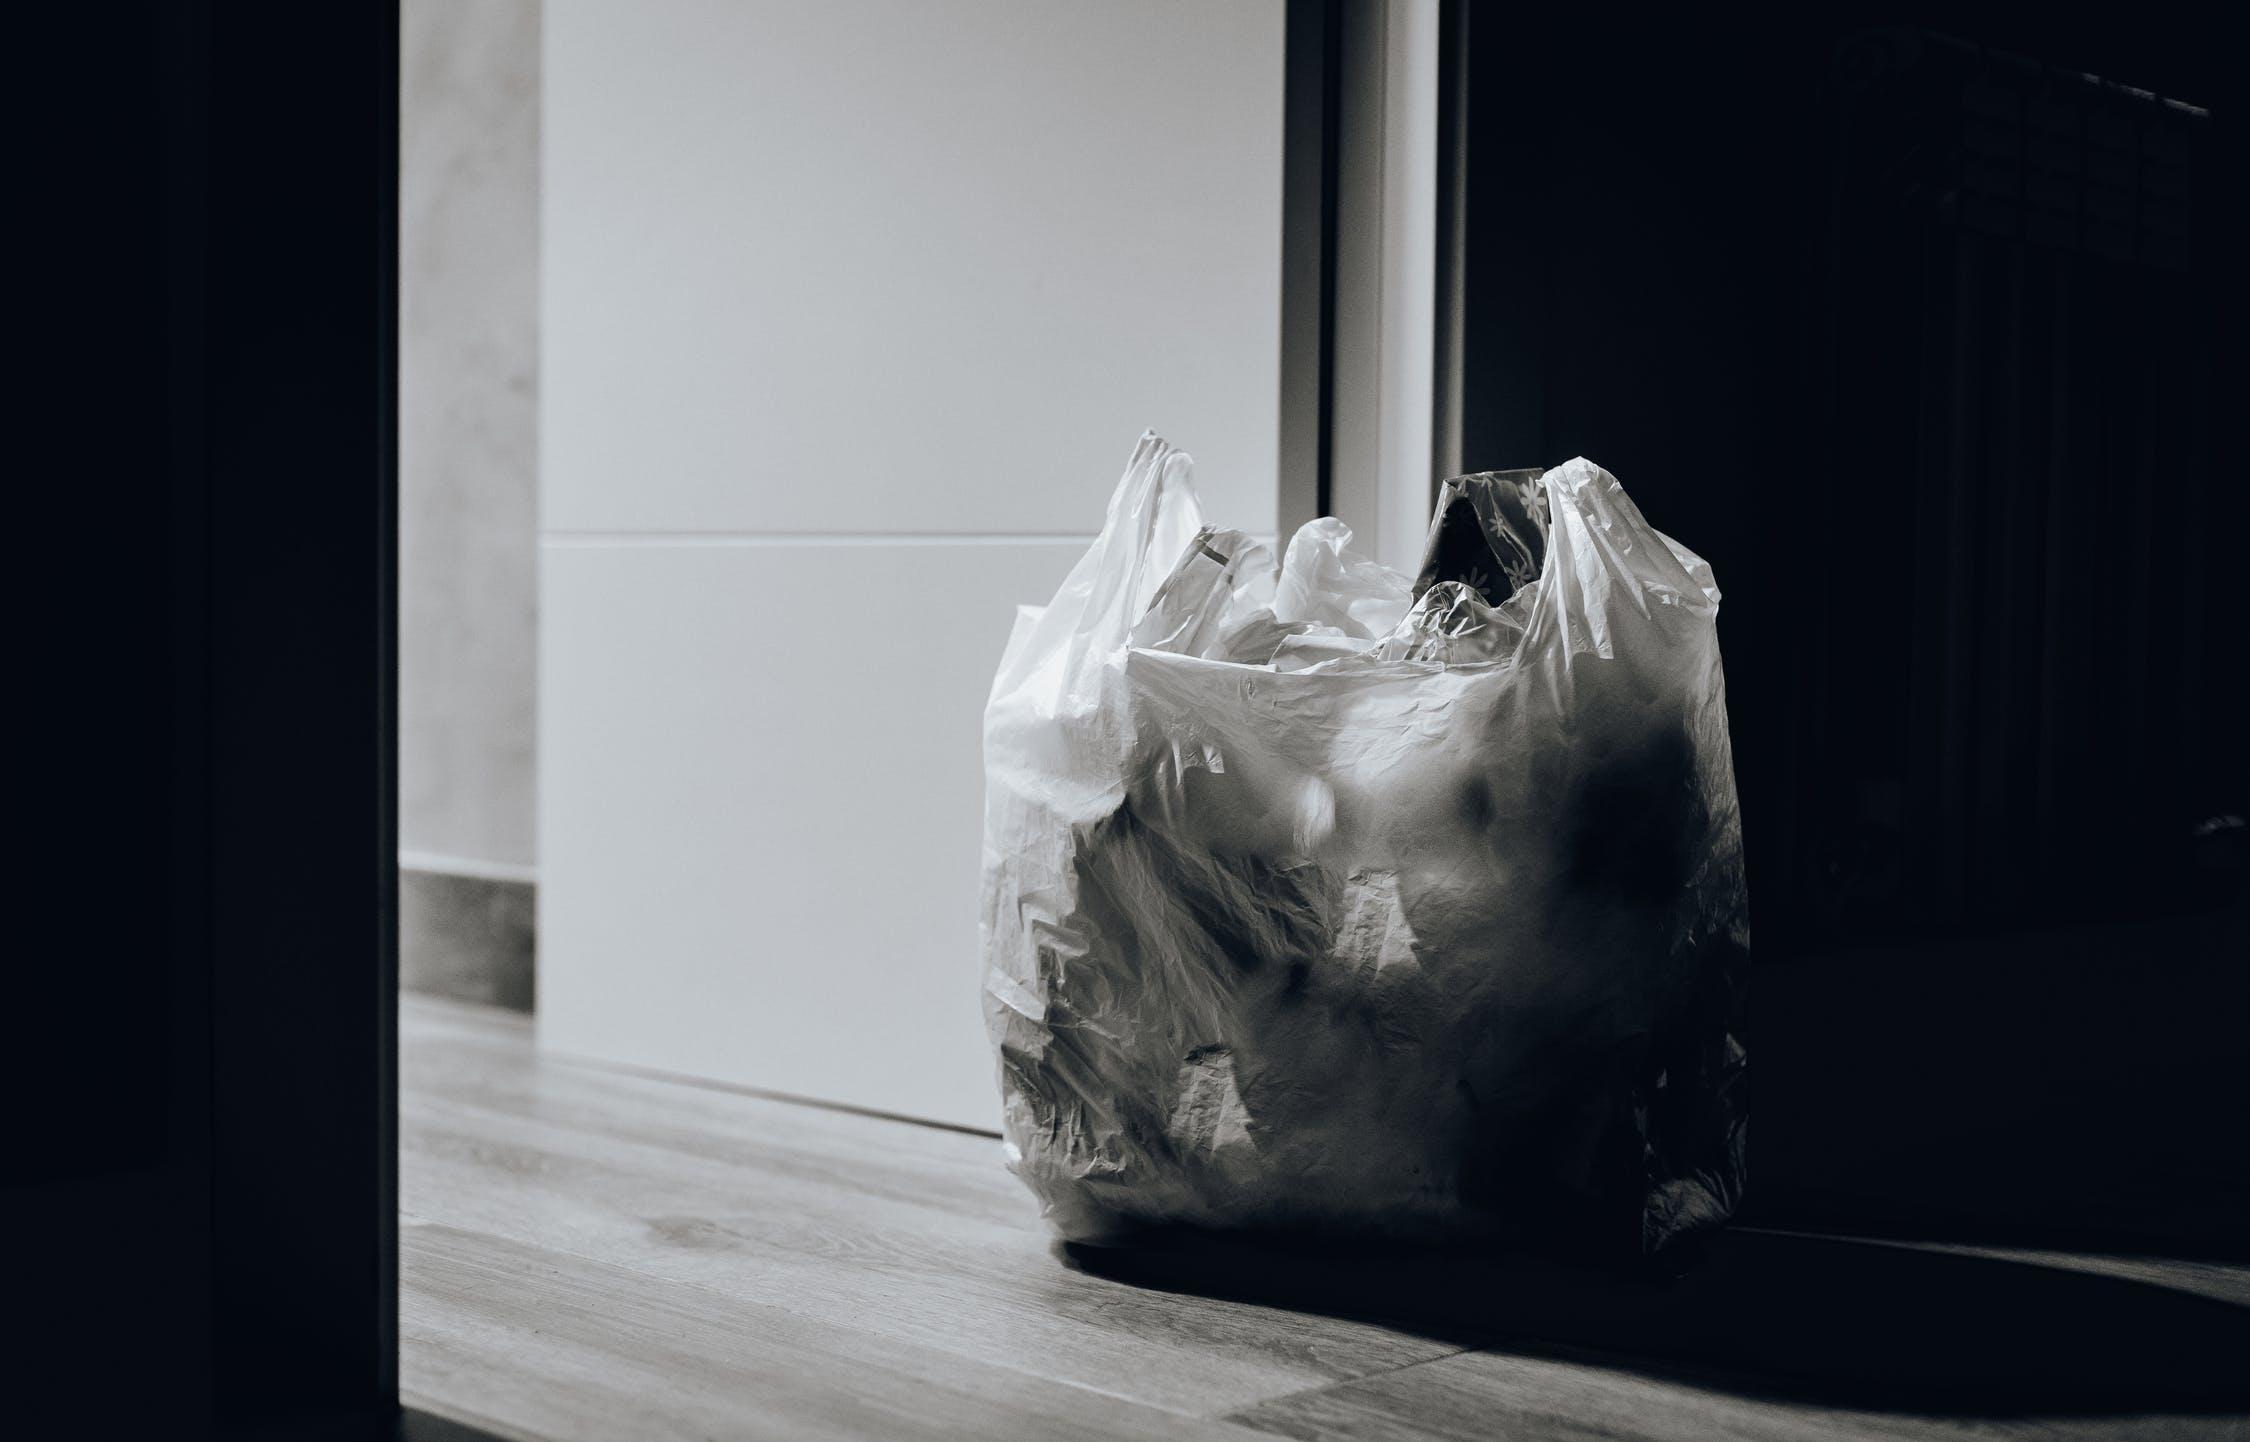 Тверская область получила дополнительные средства на вывоз бытовых отходов - новости Афанасий